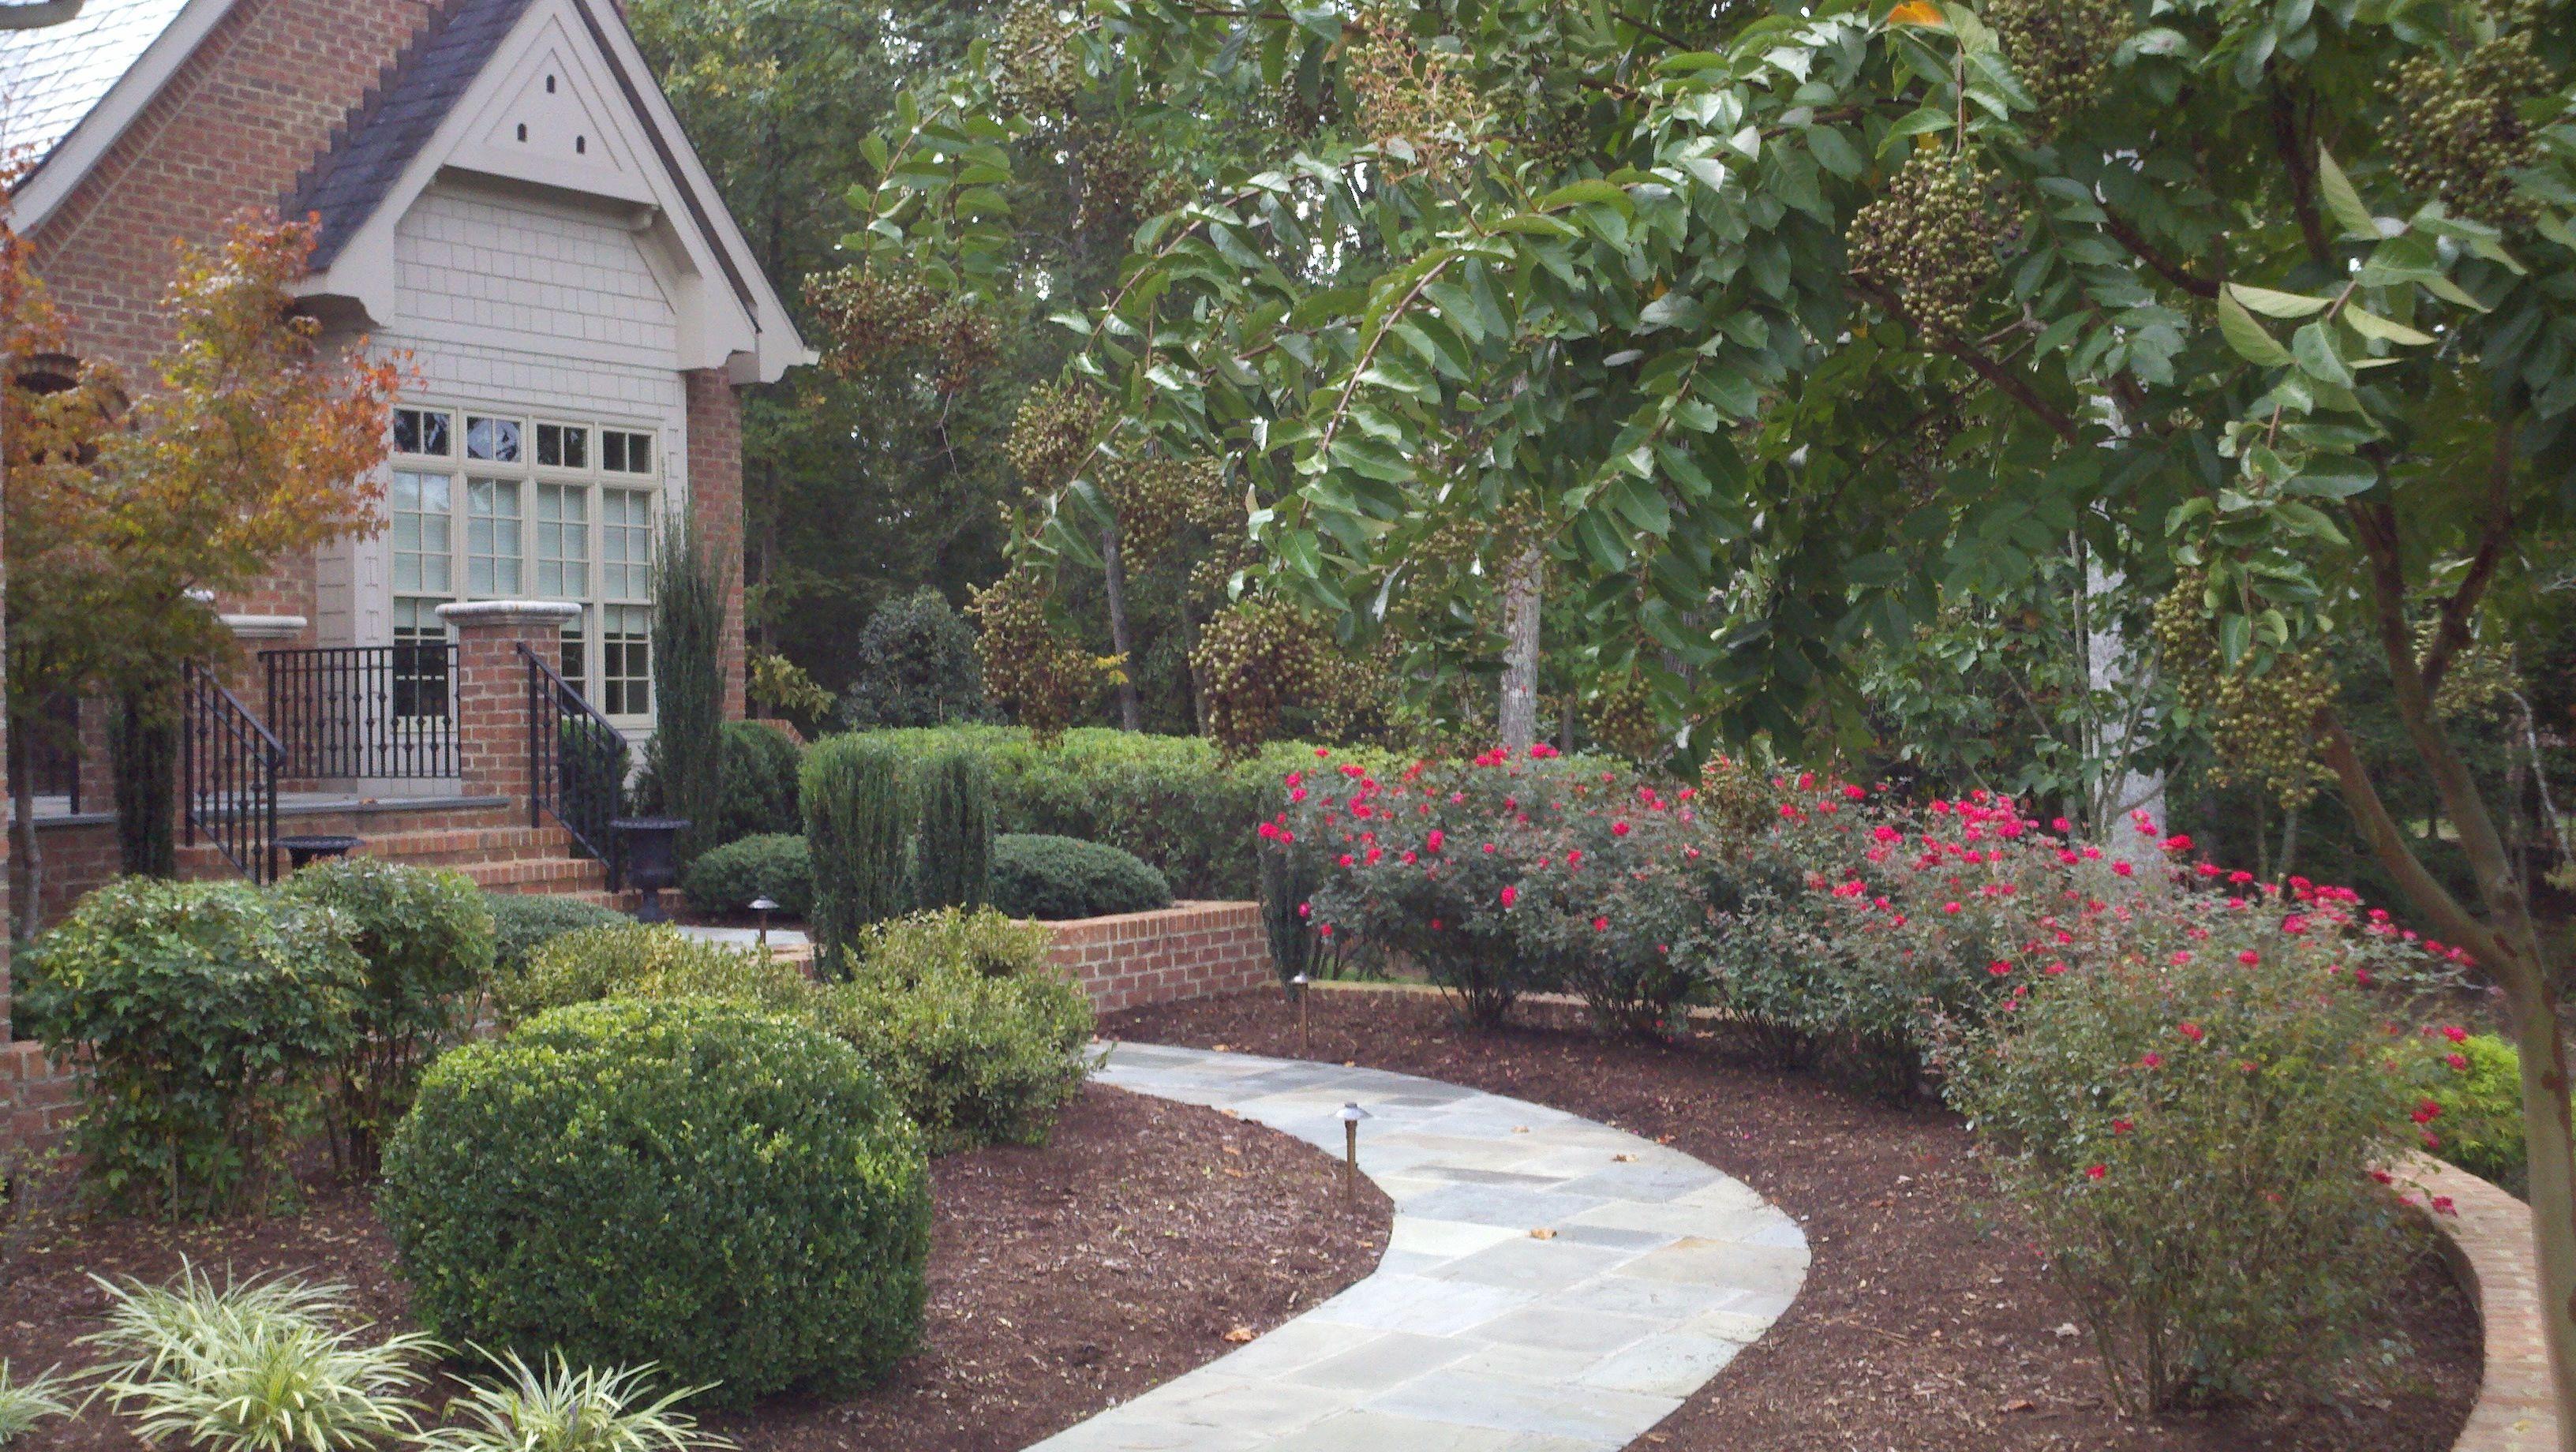 Landscape Design Landscape Design Commercial Landscaping